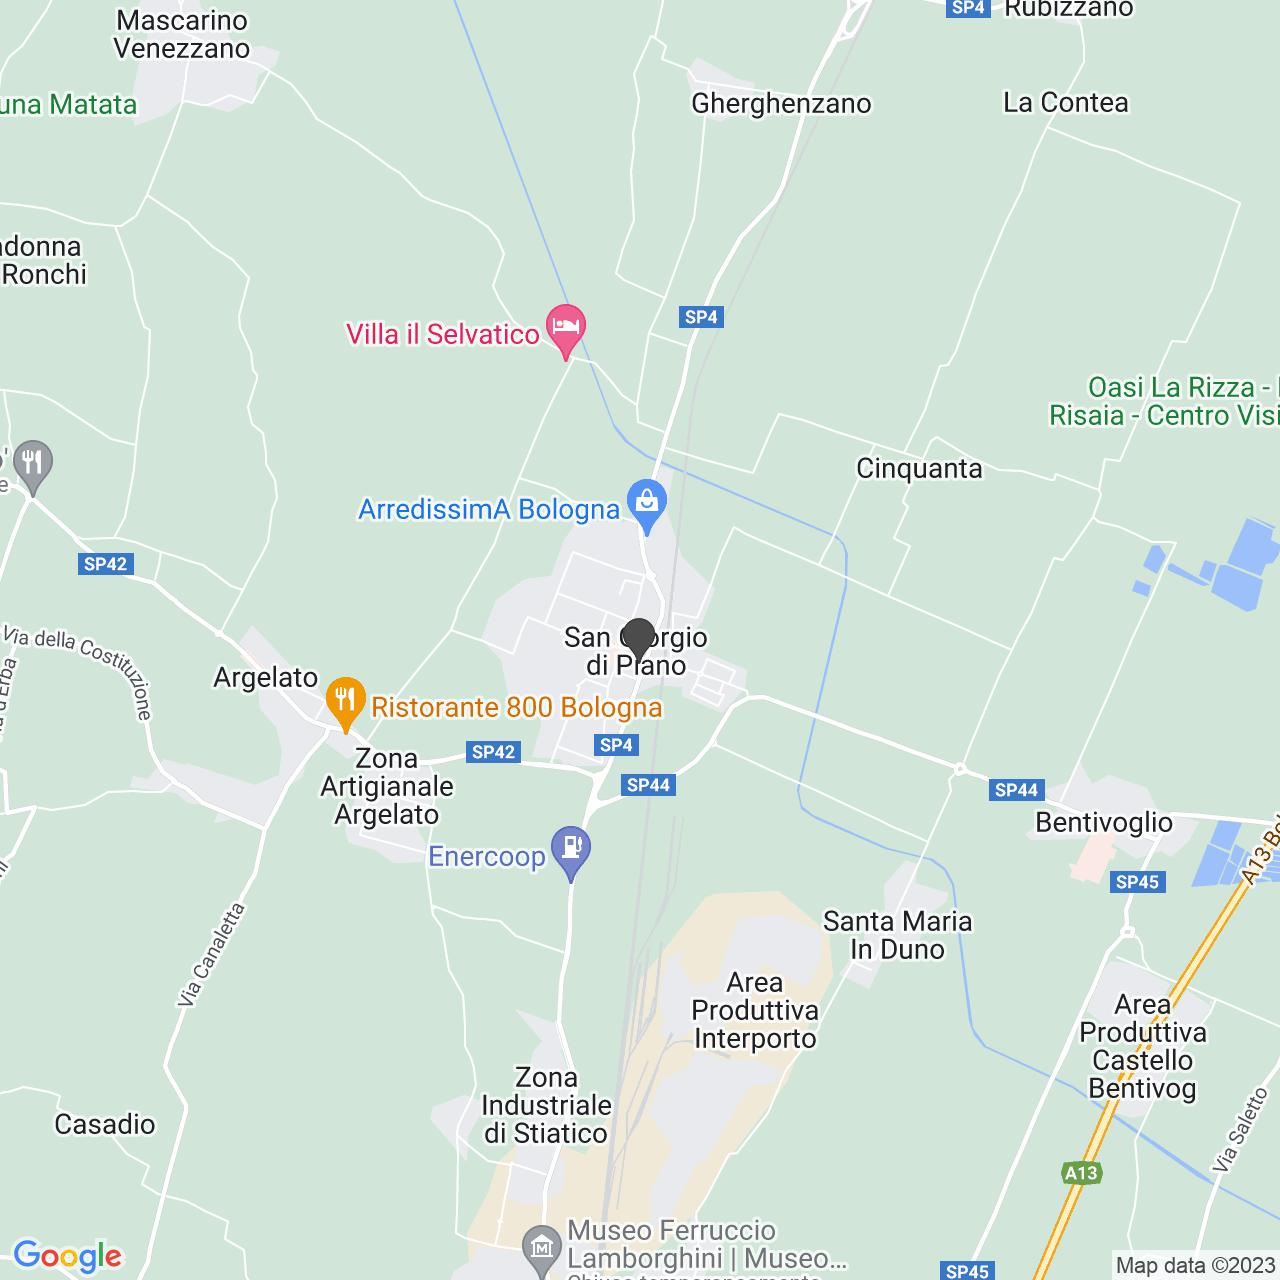 Chiesa dei Santi Vittore e Martino di Cinquanta